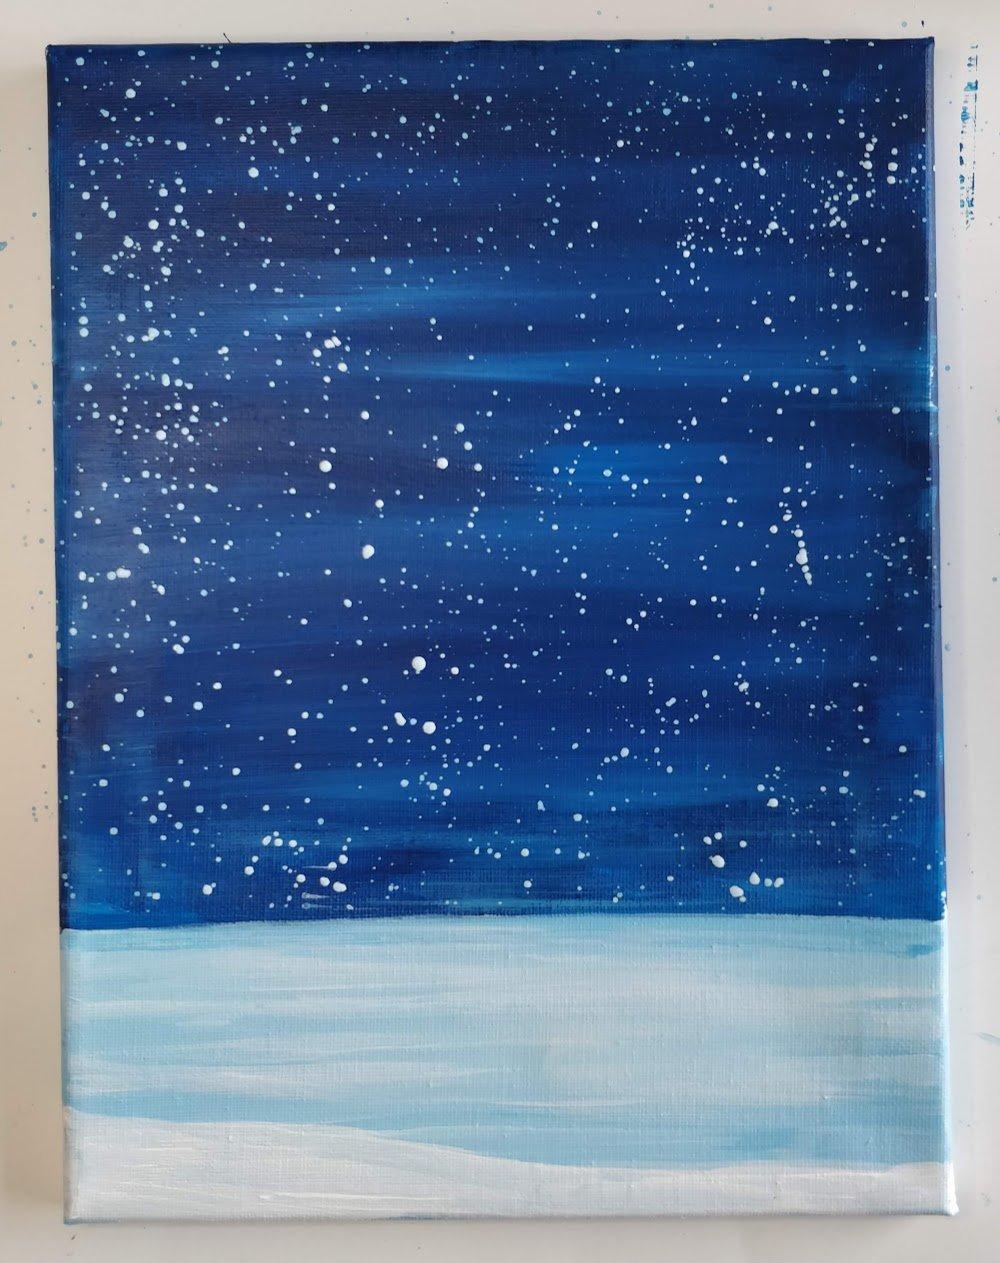 christmas painting stars night sky